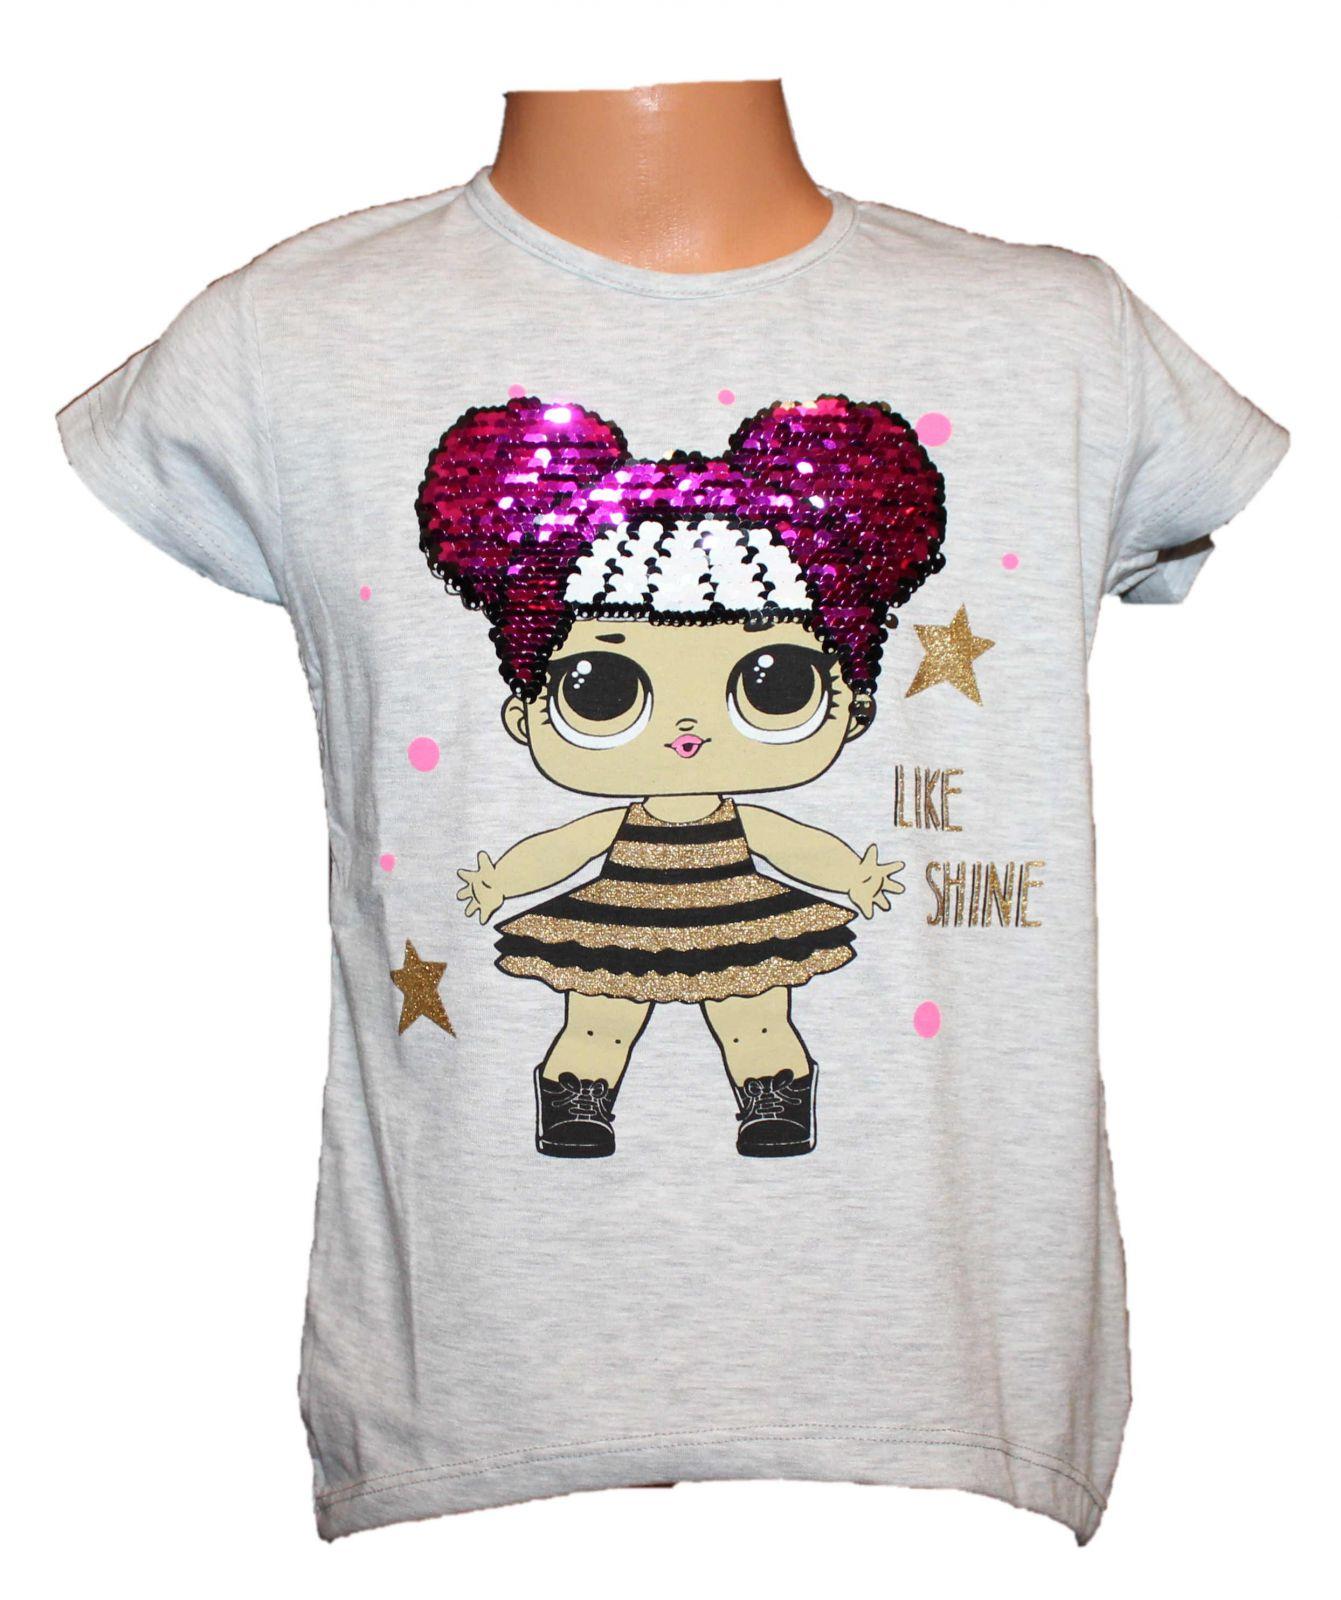 Dětské měnící tričko LOL, měnící tunika,panenka LOL, dívčí tričko s měnícím obrázkem, měnící tričko s flitry Tomurcuk